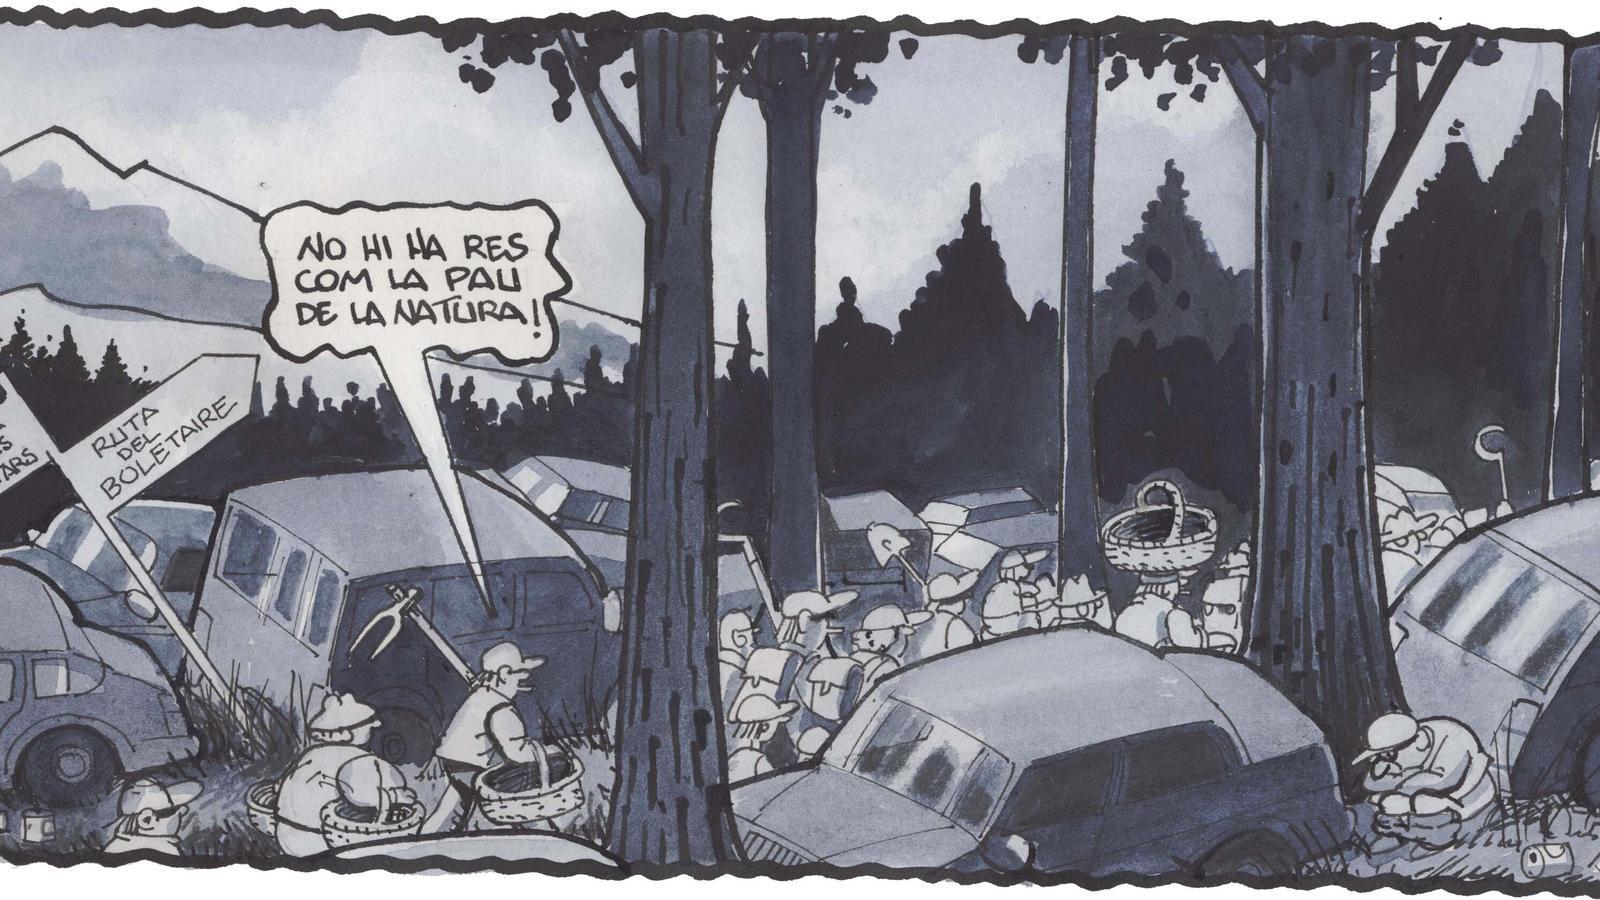 'A la contra', per Ferreres 24/10/2020